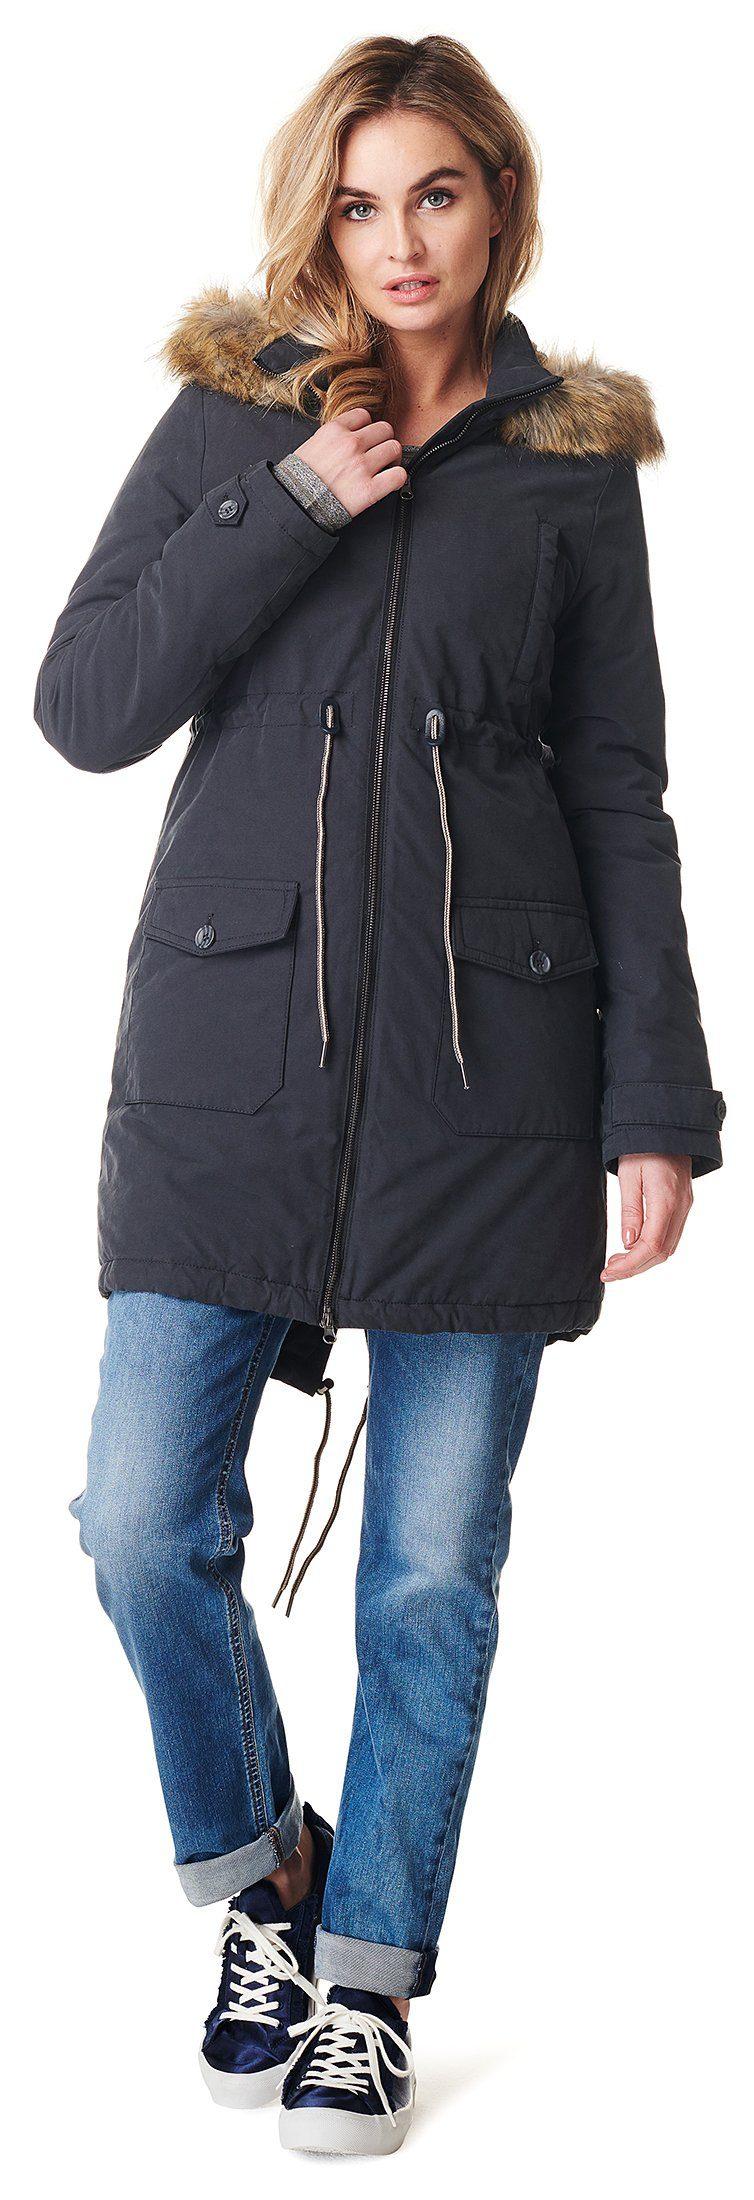 Noppies Winterjas »malin Bij way« Koop Je 2 w8nOX0Pk